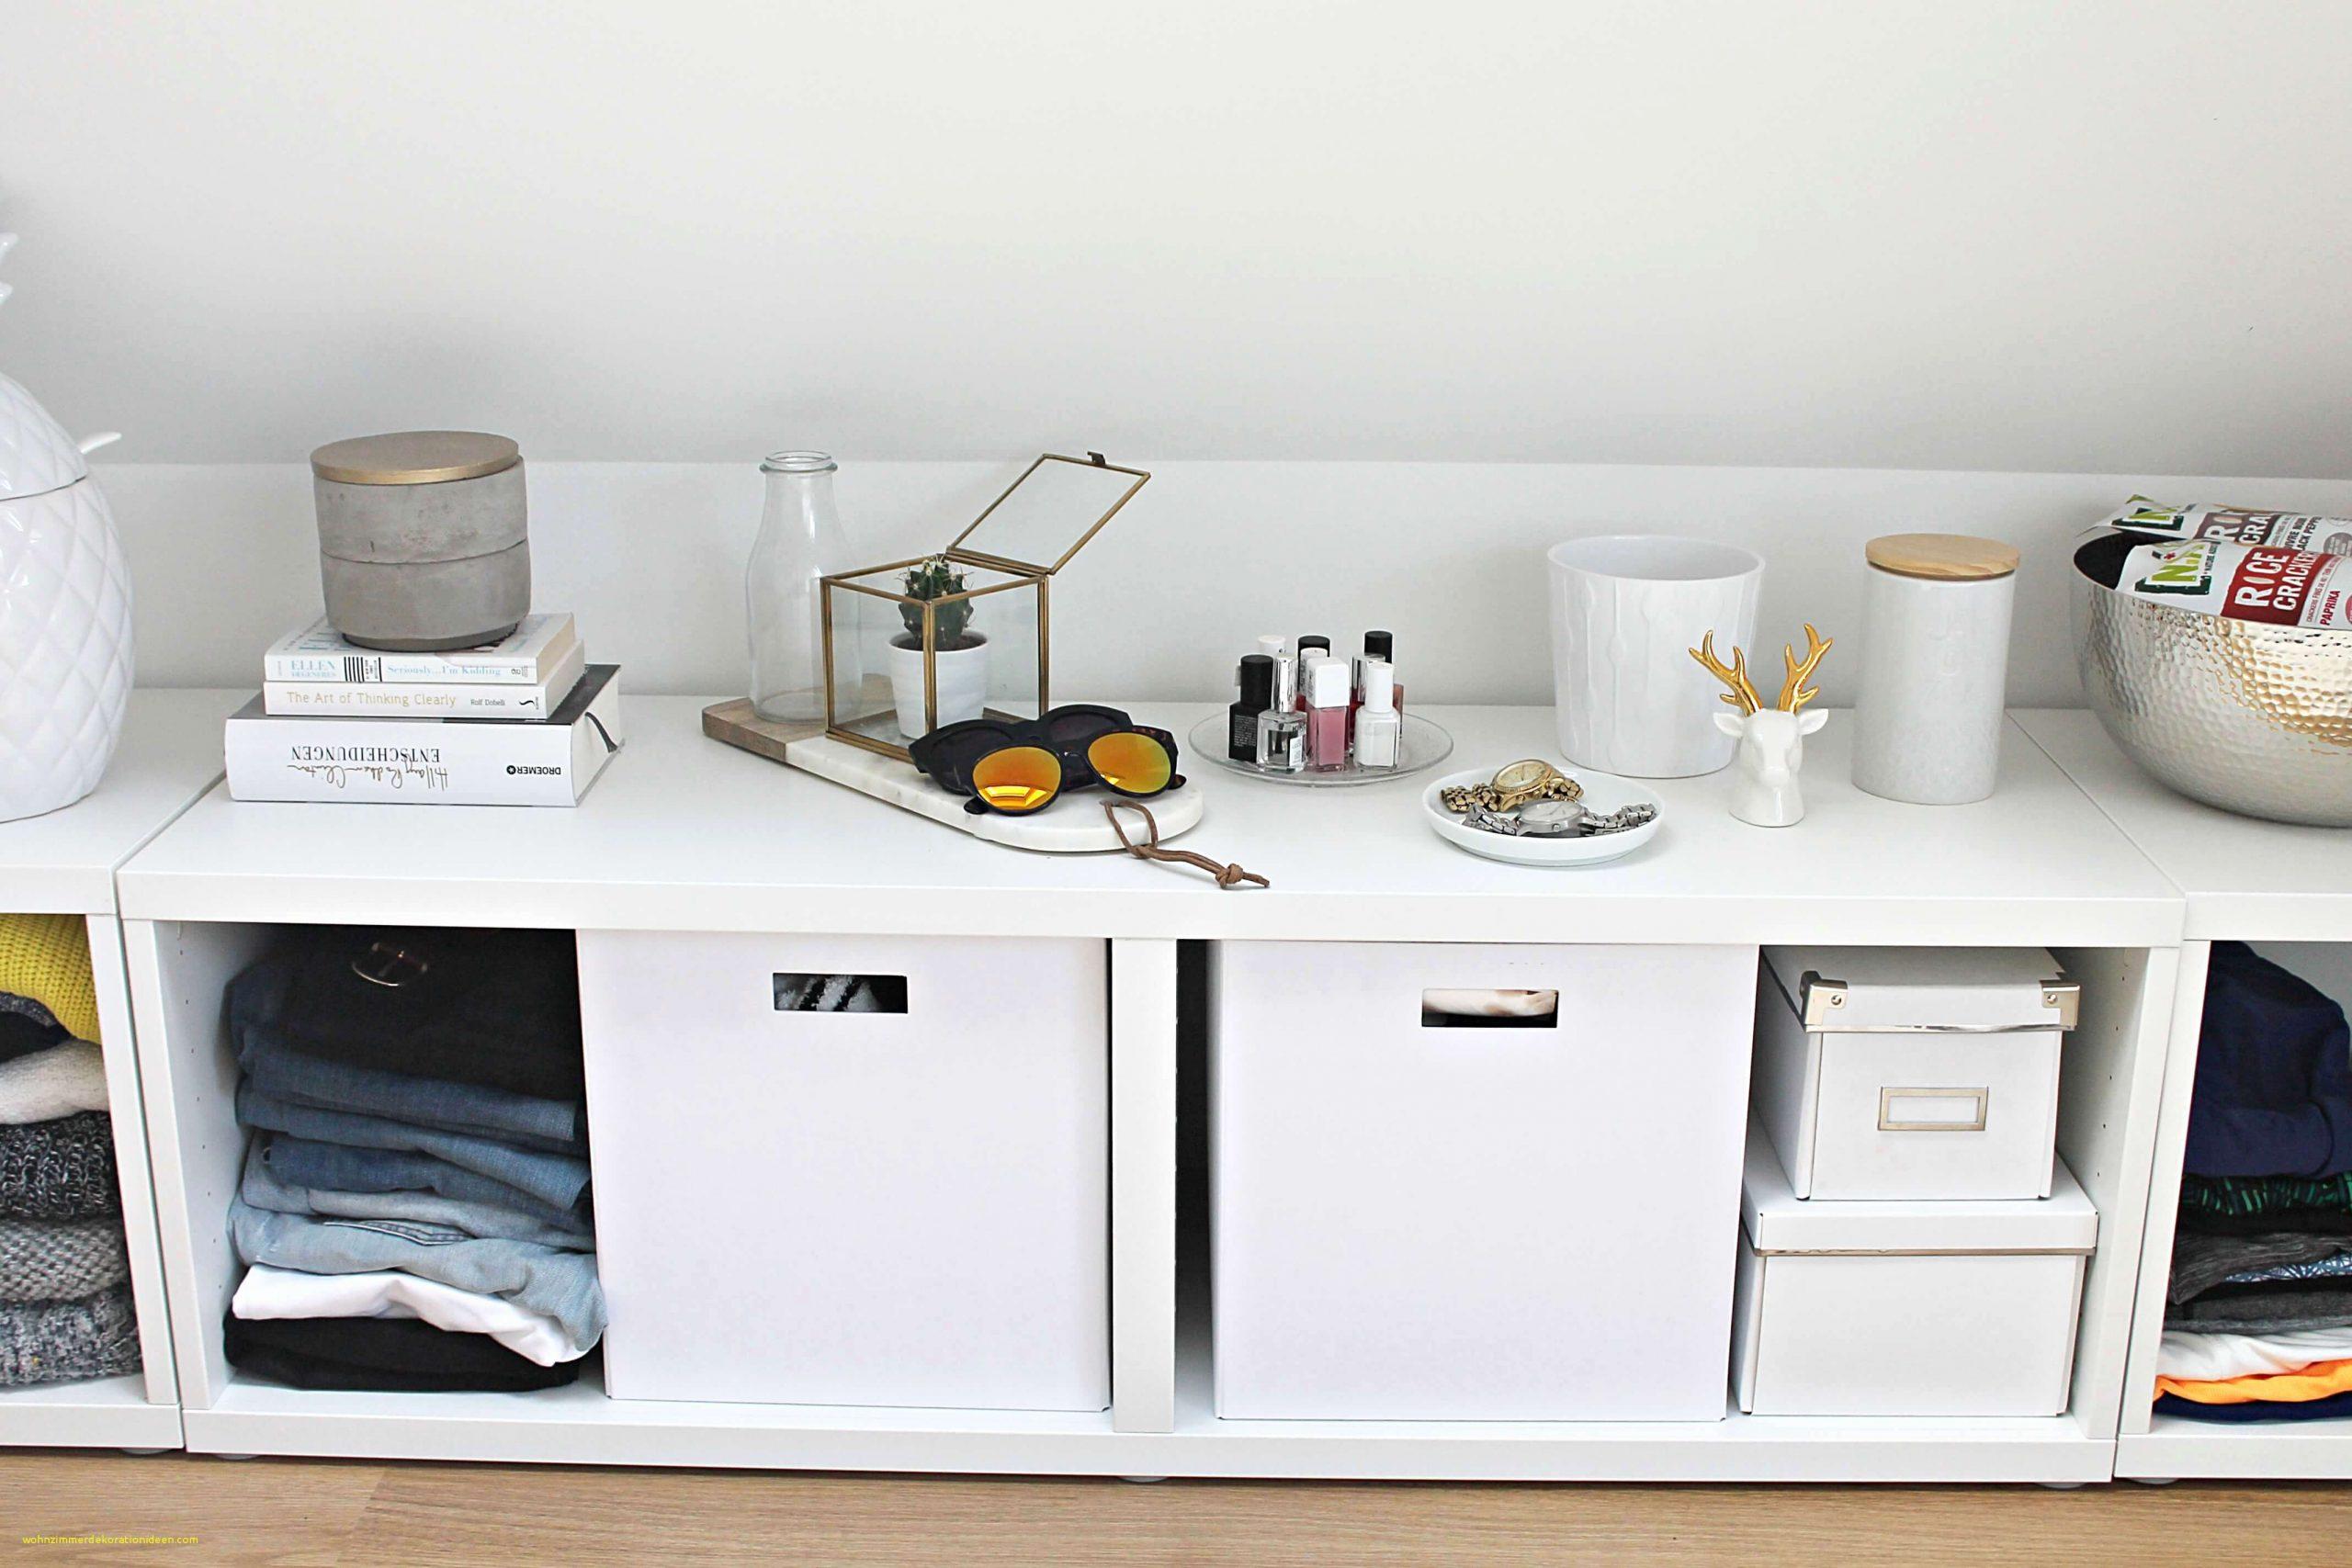 Full Size of Kchenaufbau Ikea Kchenmontage Kchenmonteur Spezialisiert Küche Kosten Sofa Mit Schlaffunktion Modulküche Apothekerschrank Betten 160x200 Kaufen Miniküche Wohnzimmer Ikea Apothekerschrank